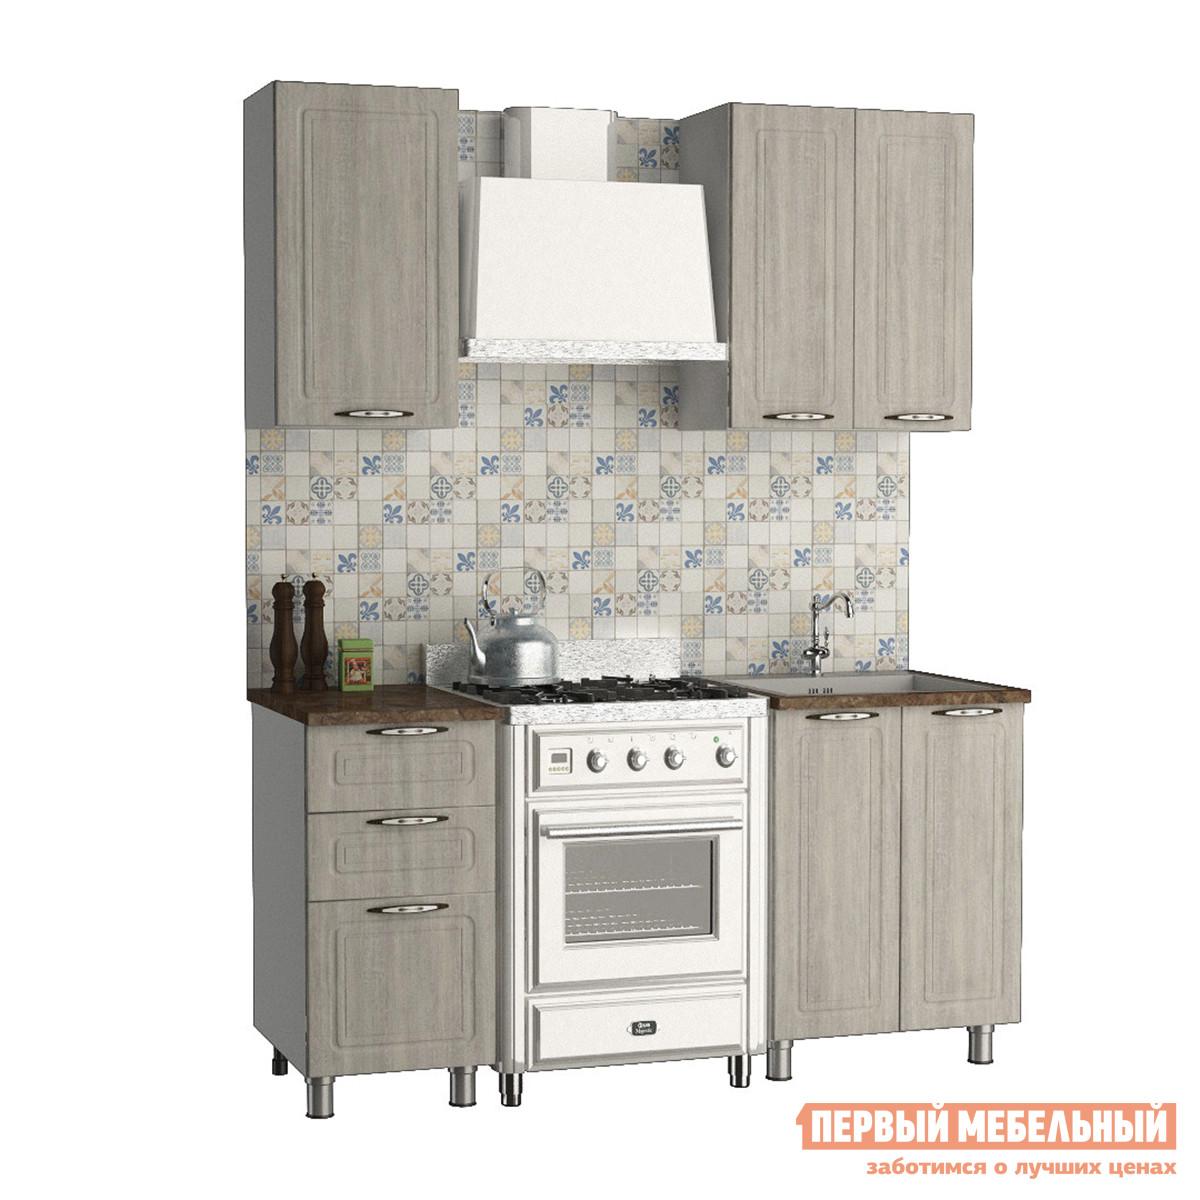 Кухонный гарнитур Первый Мебельный Прованс 1 м